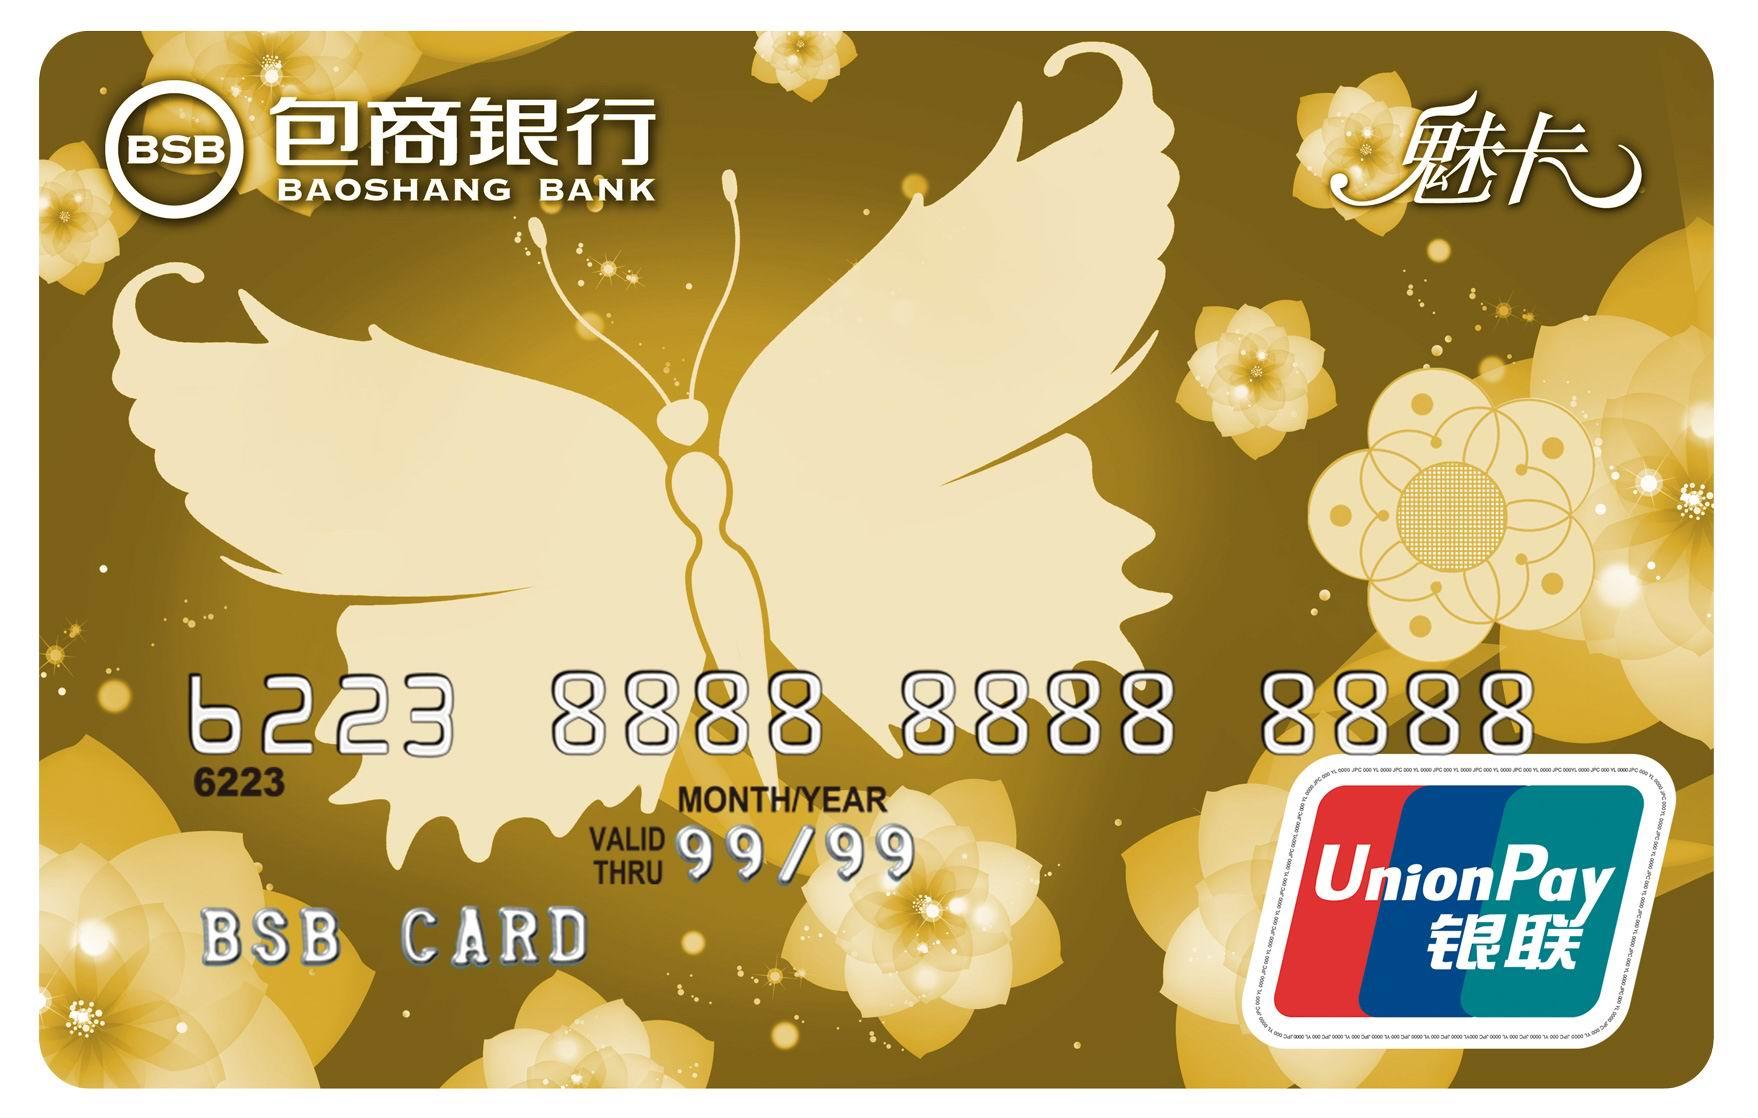 包商银行魅卡信用卡(金卡)